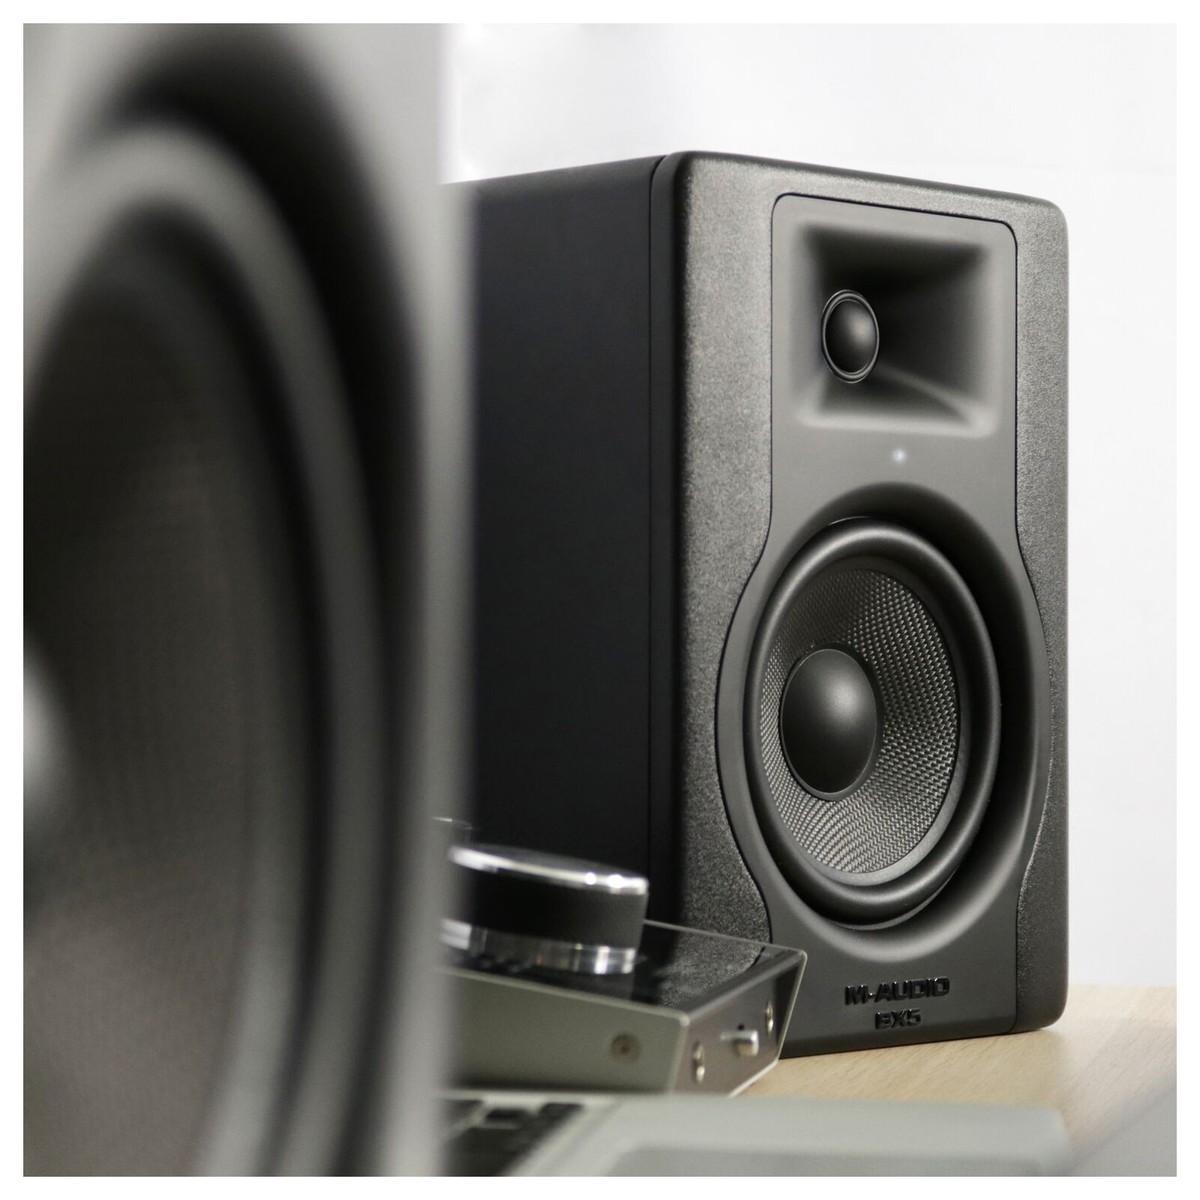 Per Dag Dato M Audio Bx5a Circuit Diagram Sjekk P Engelsk Bx5 Lifestyle 1 Flytte Binding Felleski 2